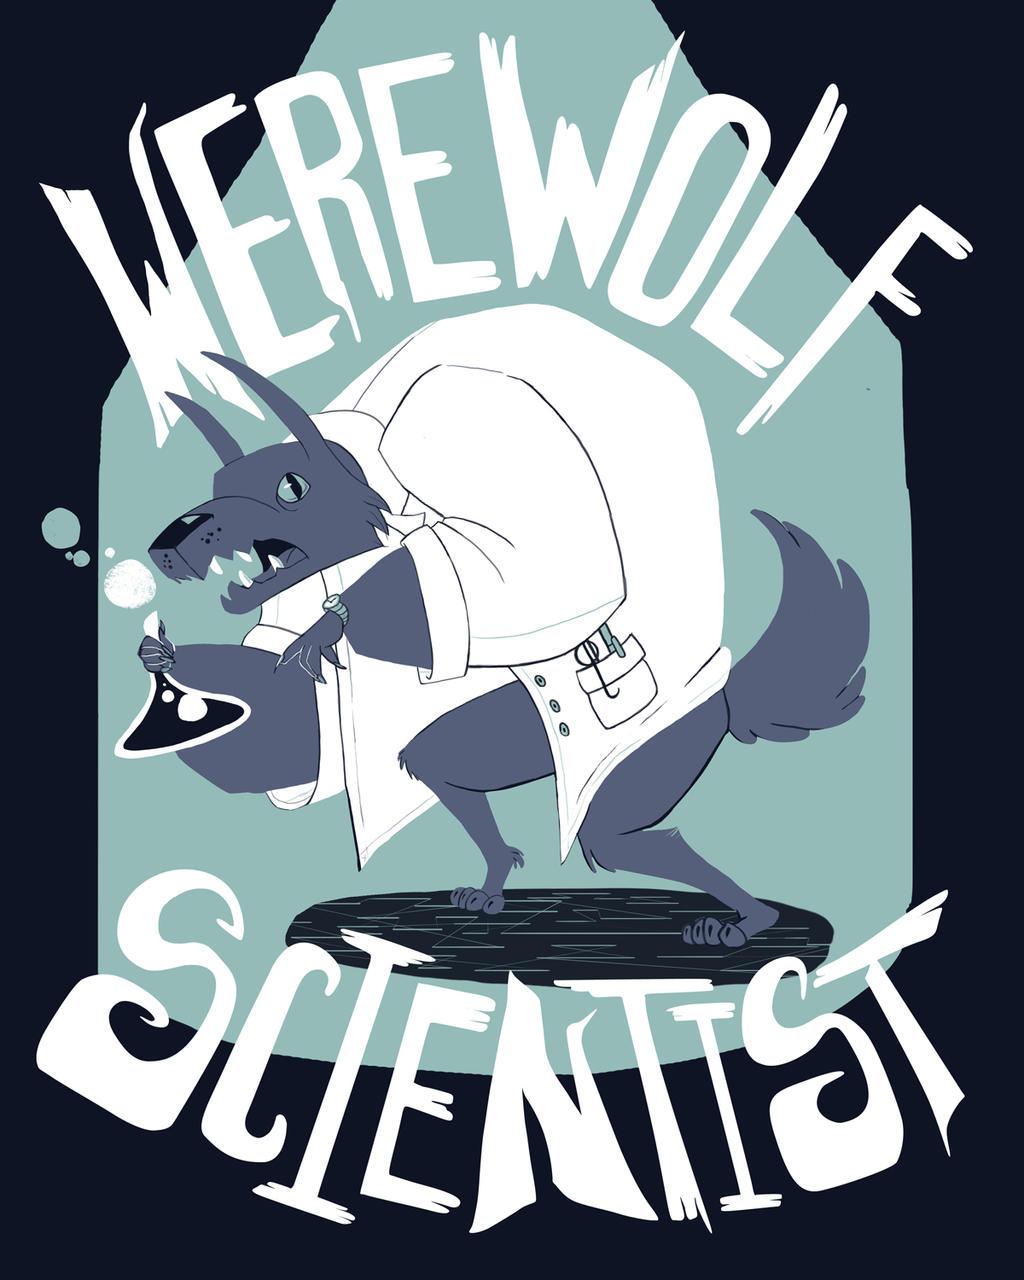 Werewolf Scientist